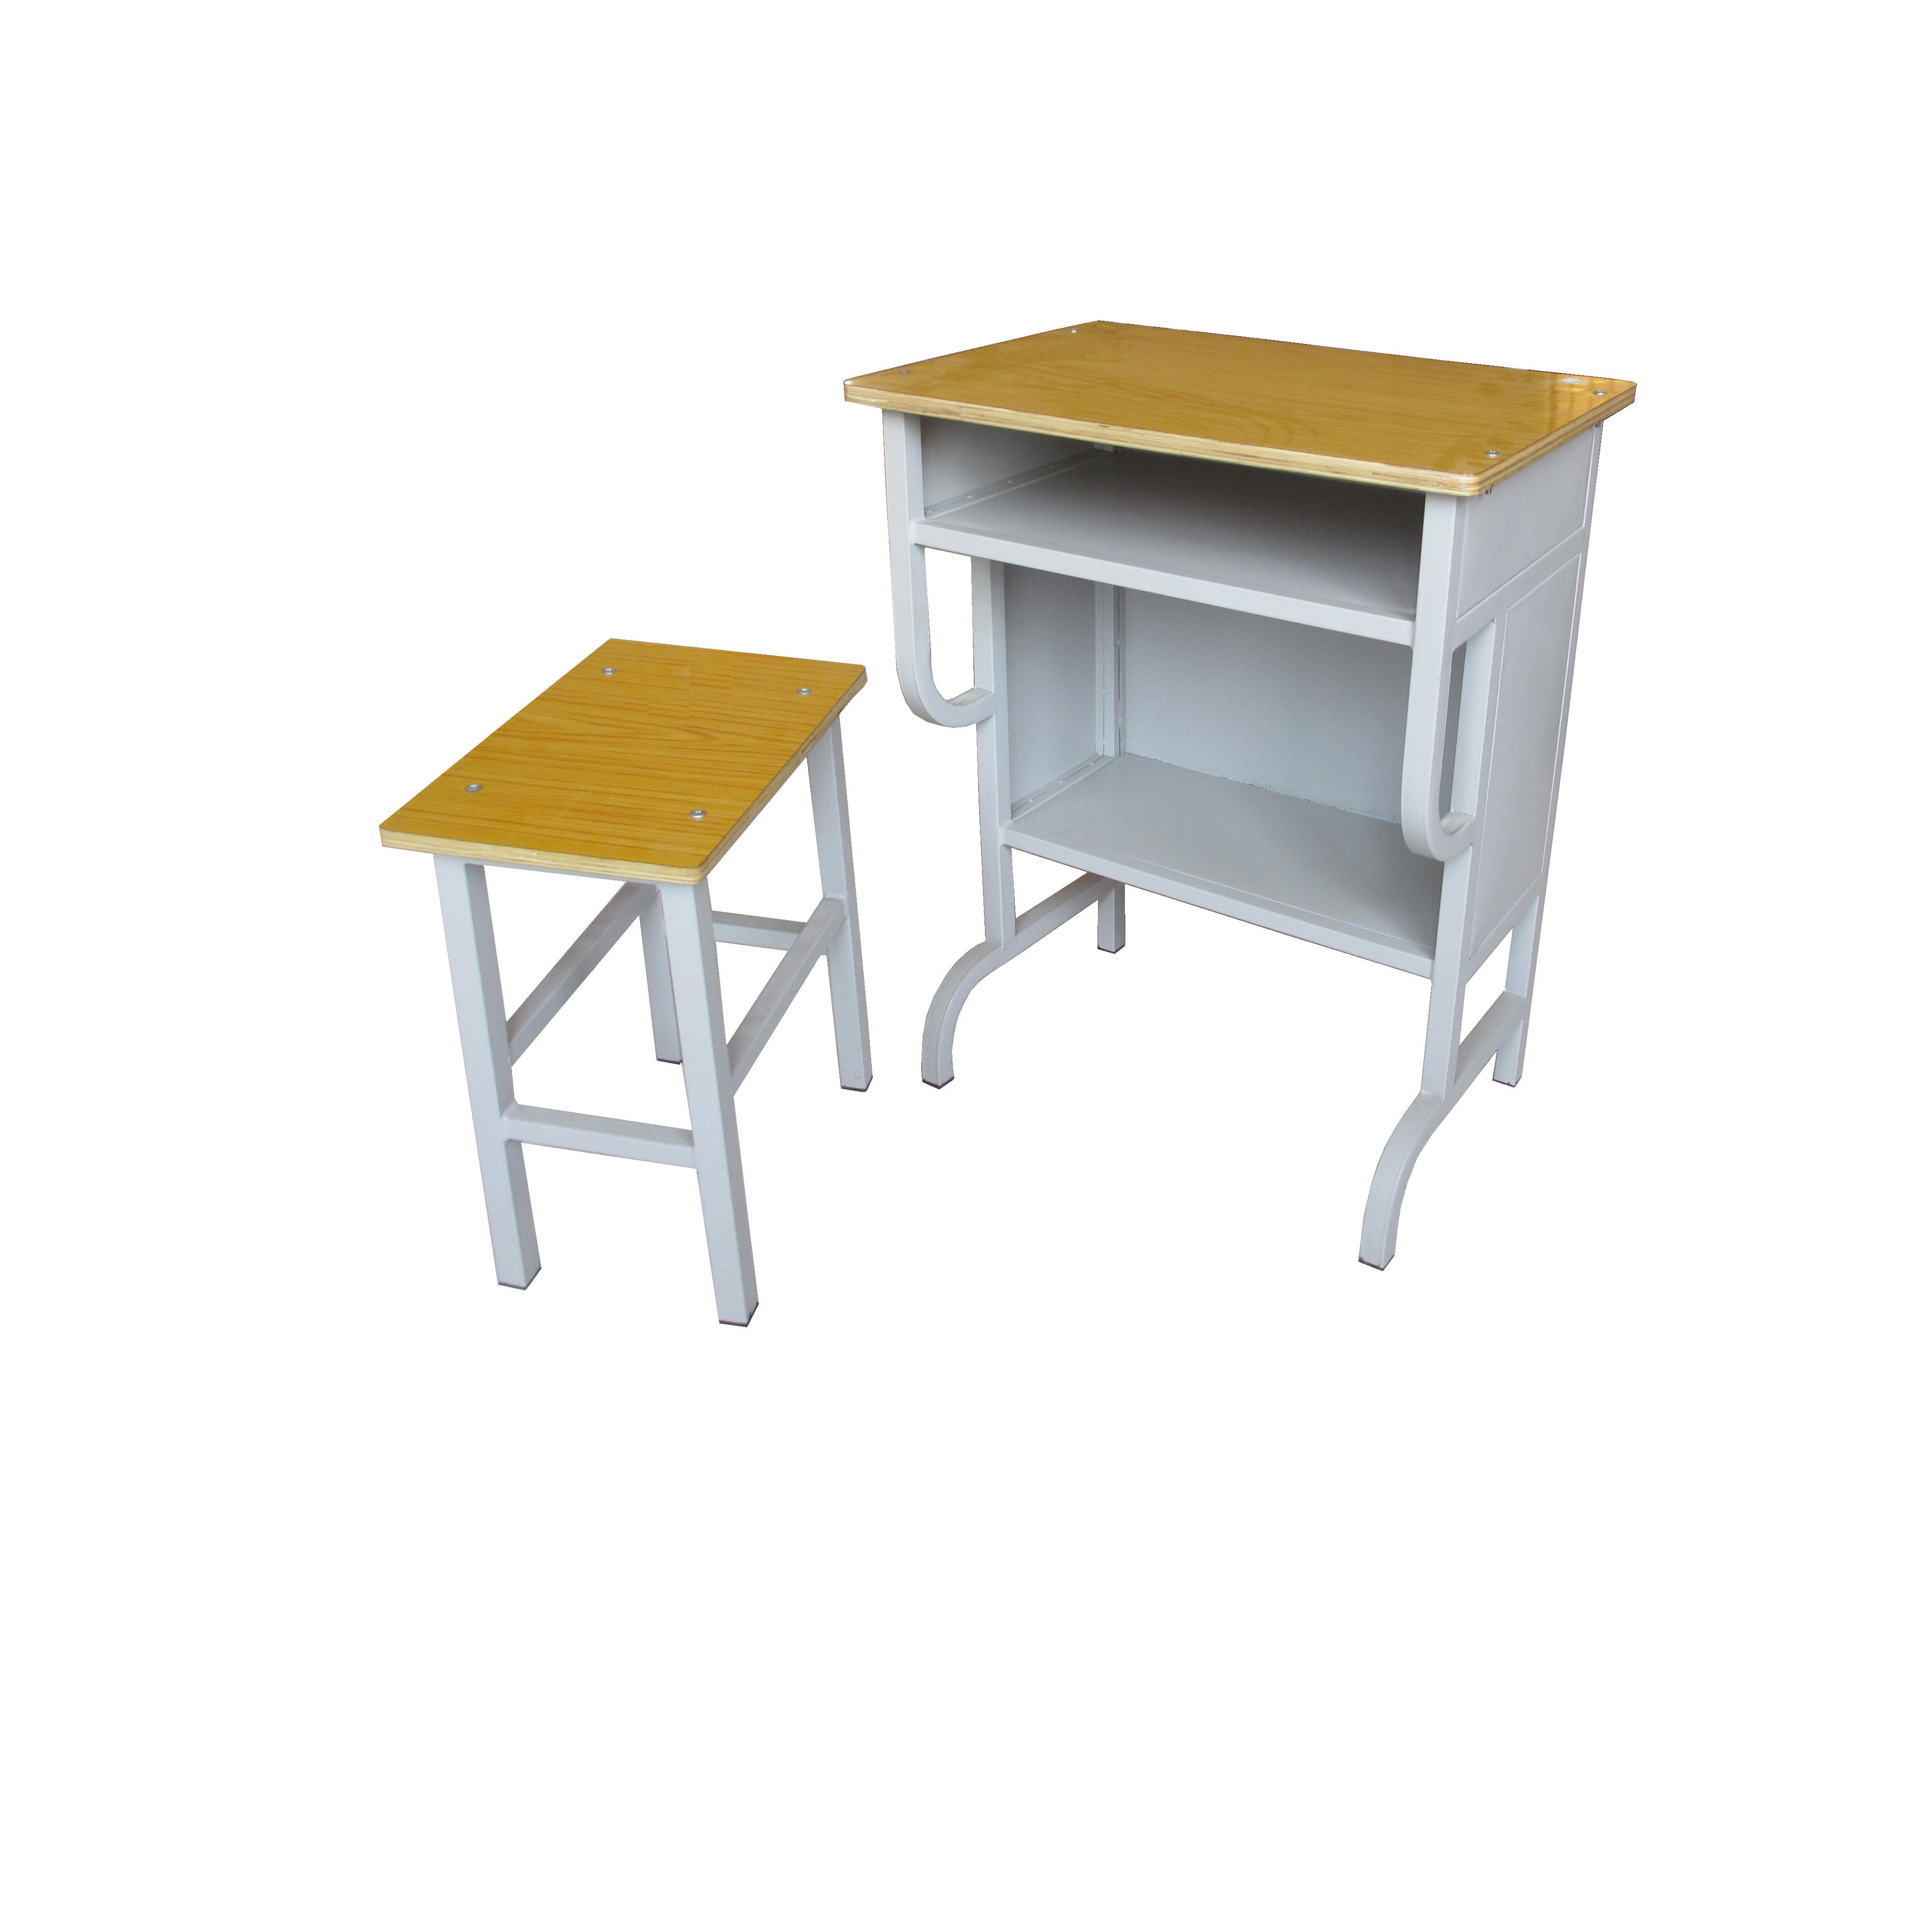 升降课桌椅价格钢木课桌图片HX-K005